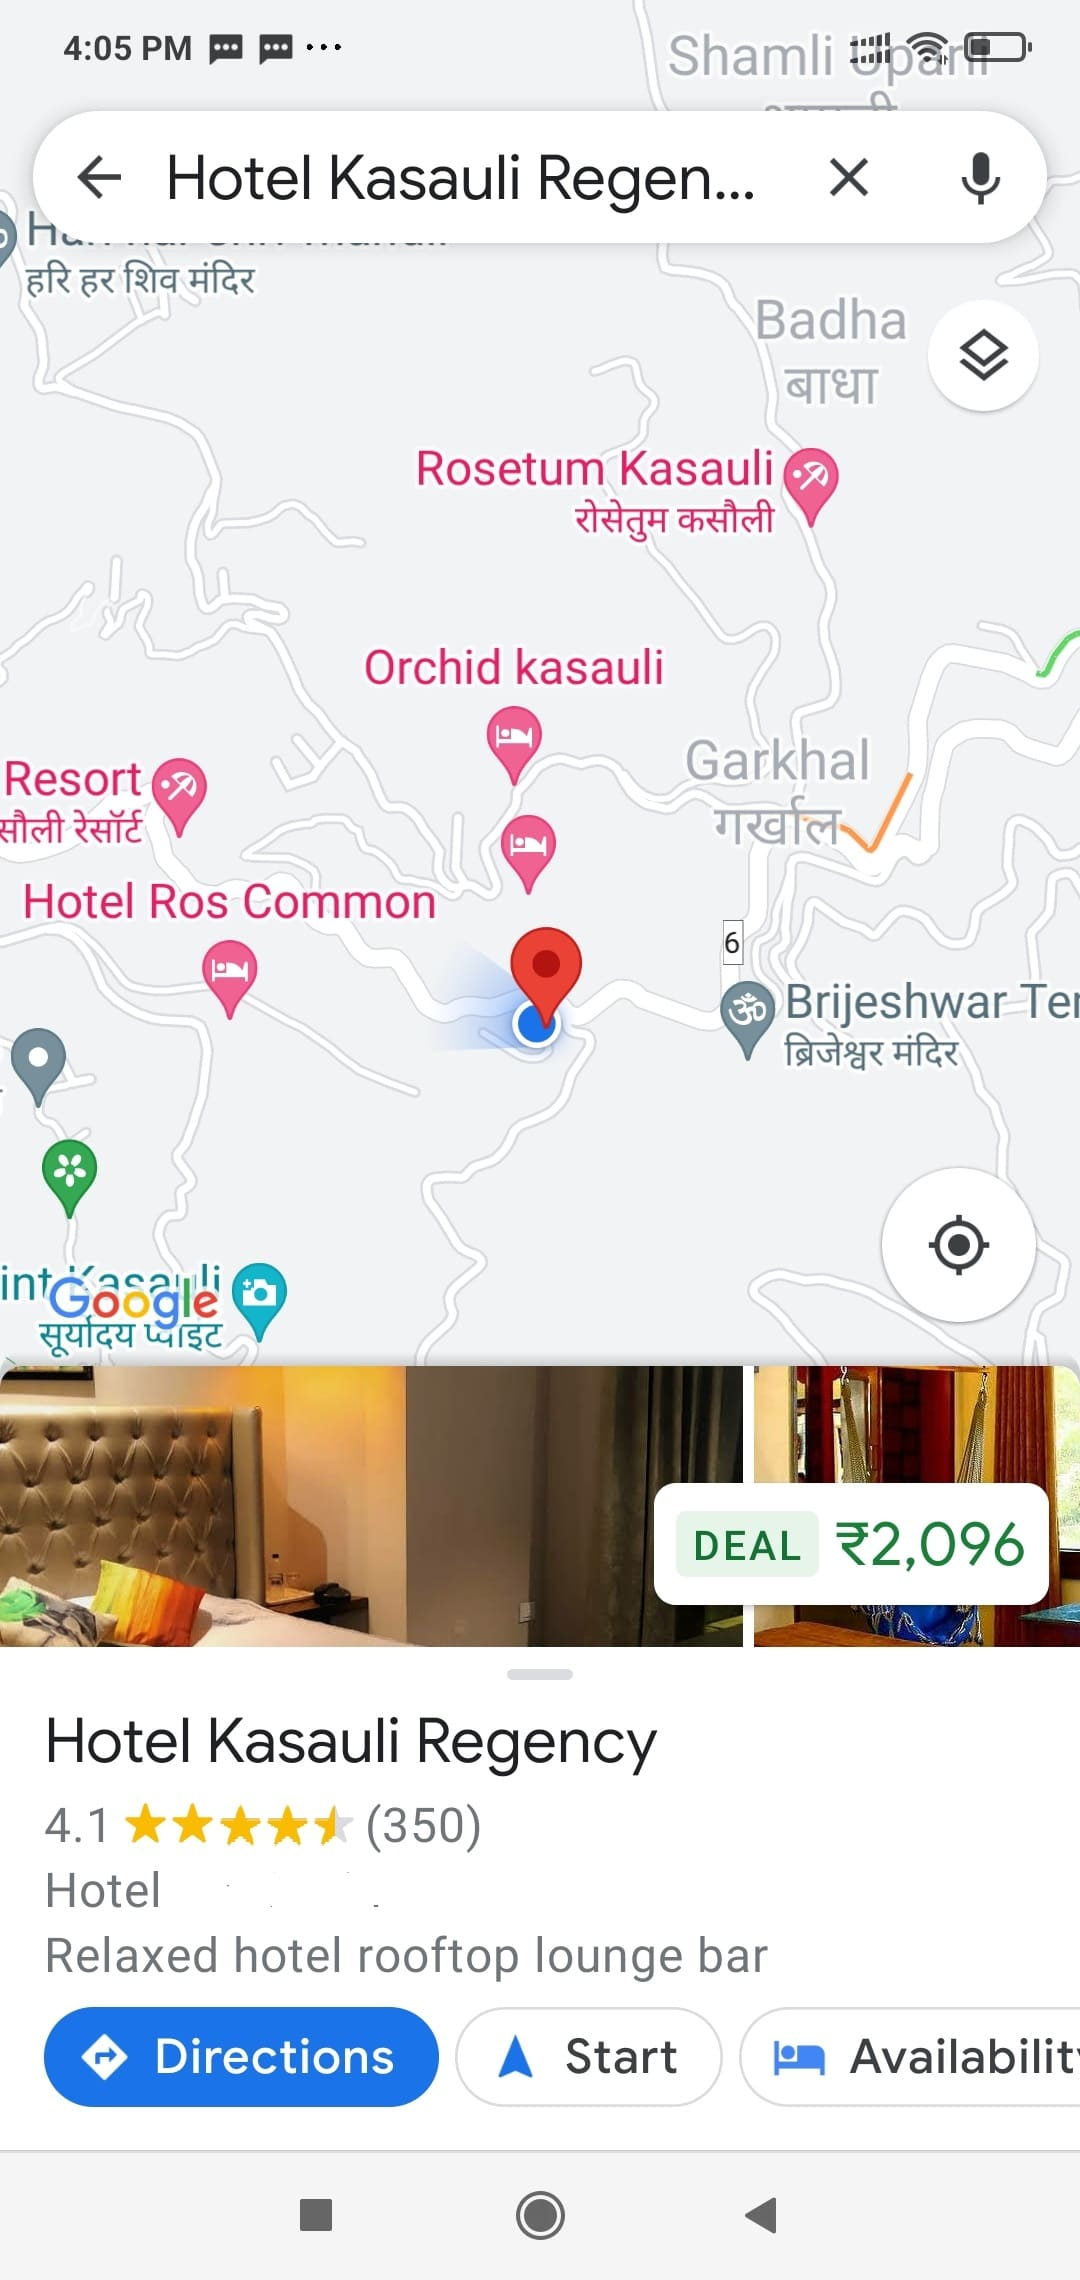 Google Maps of Hotel Kasauli Regency